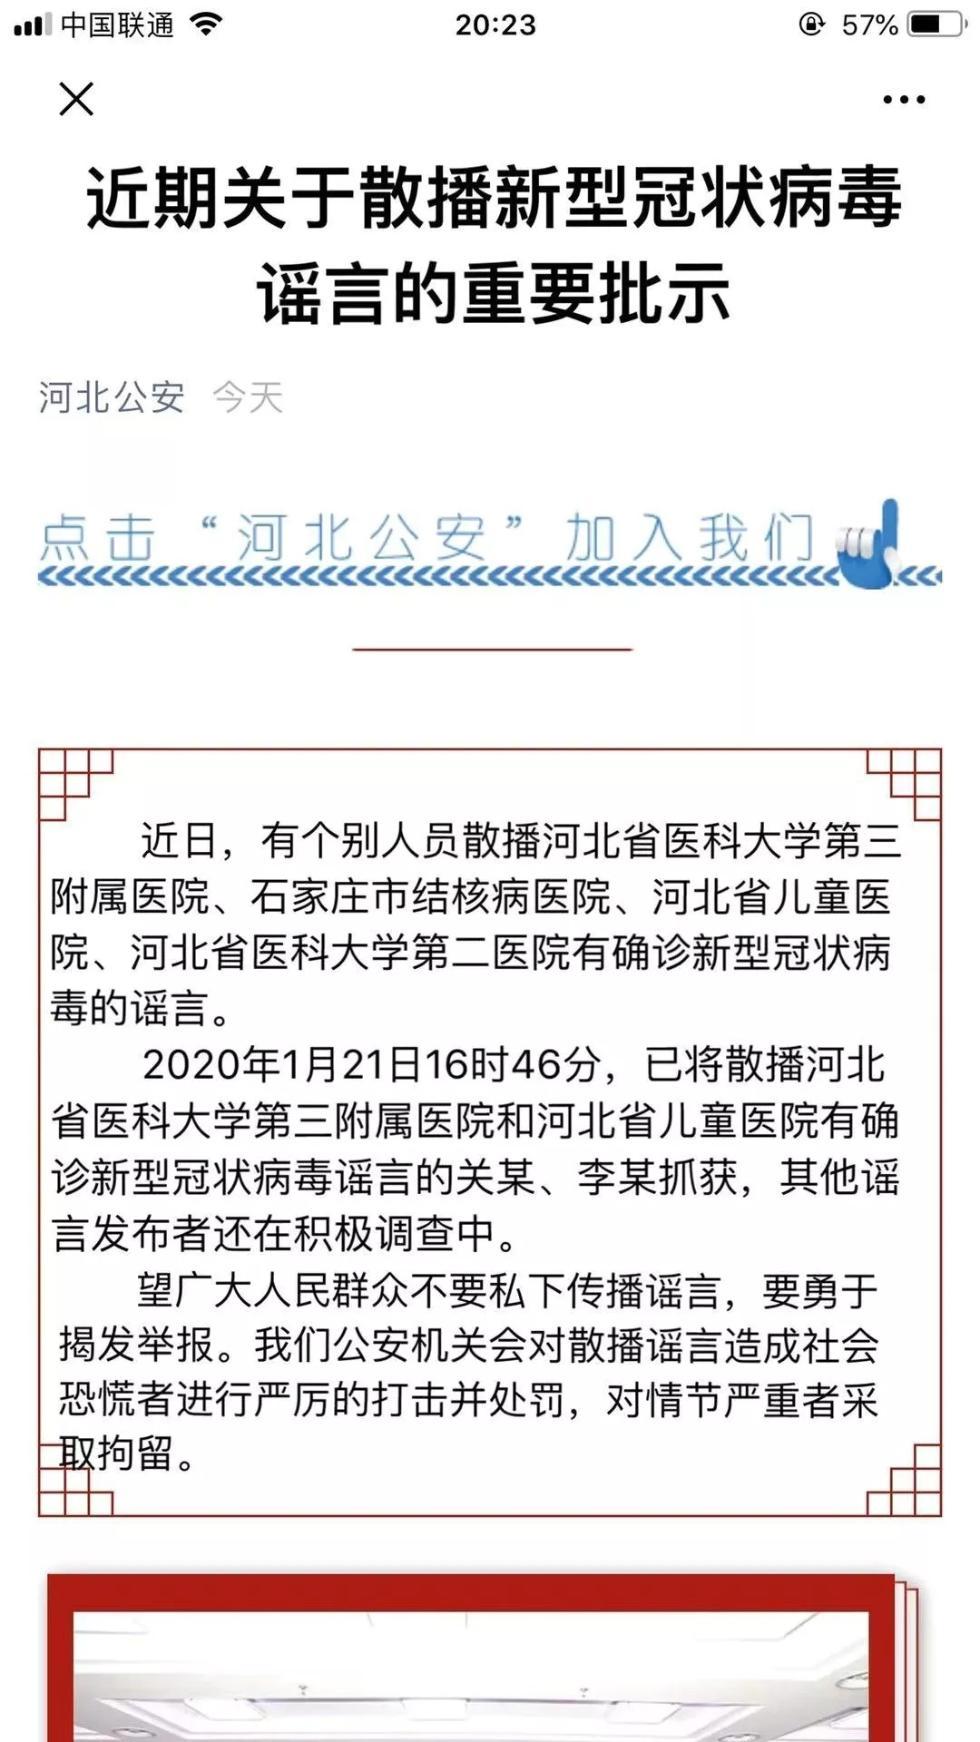 """中国象棋大战河北公安:未发布""""抓获散播谣言"""